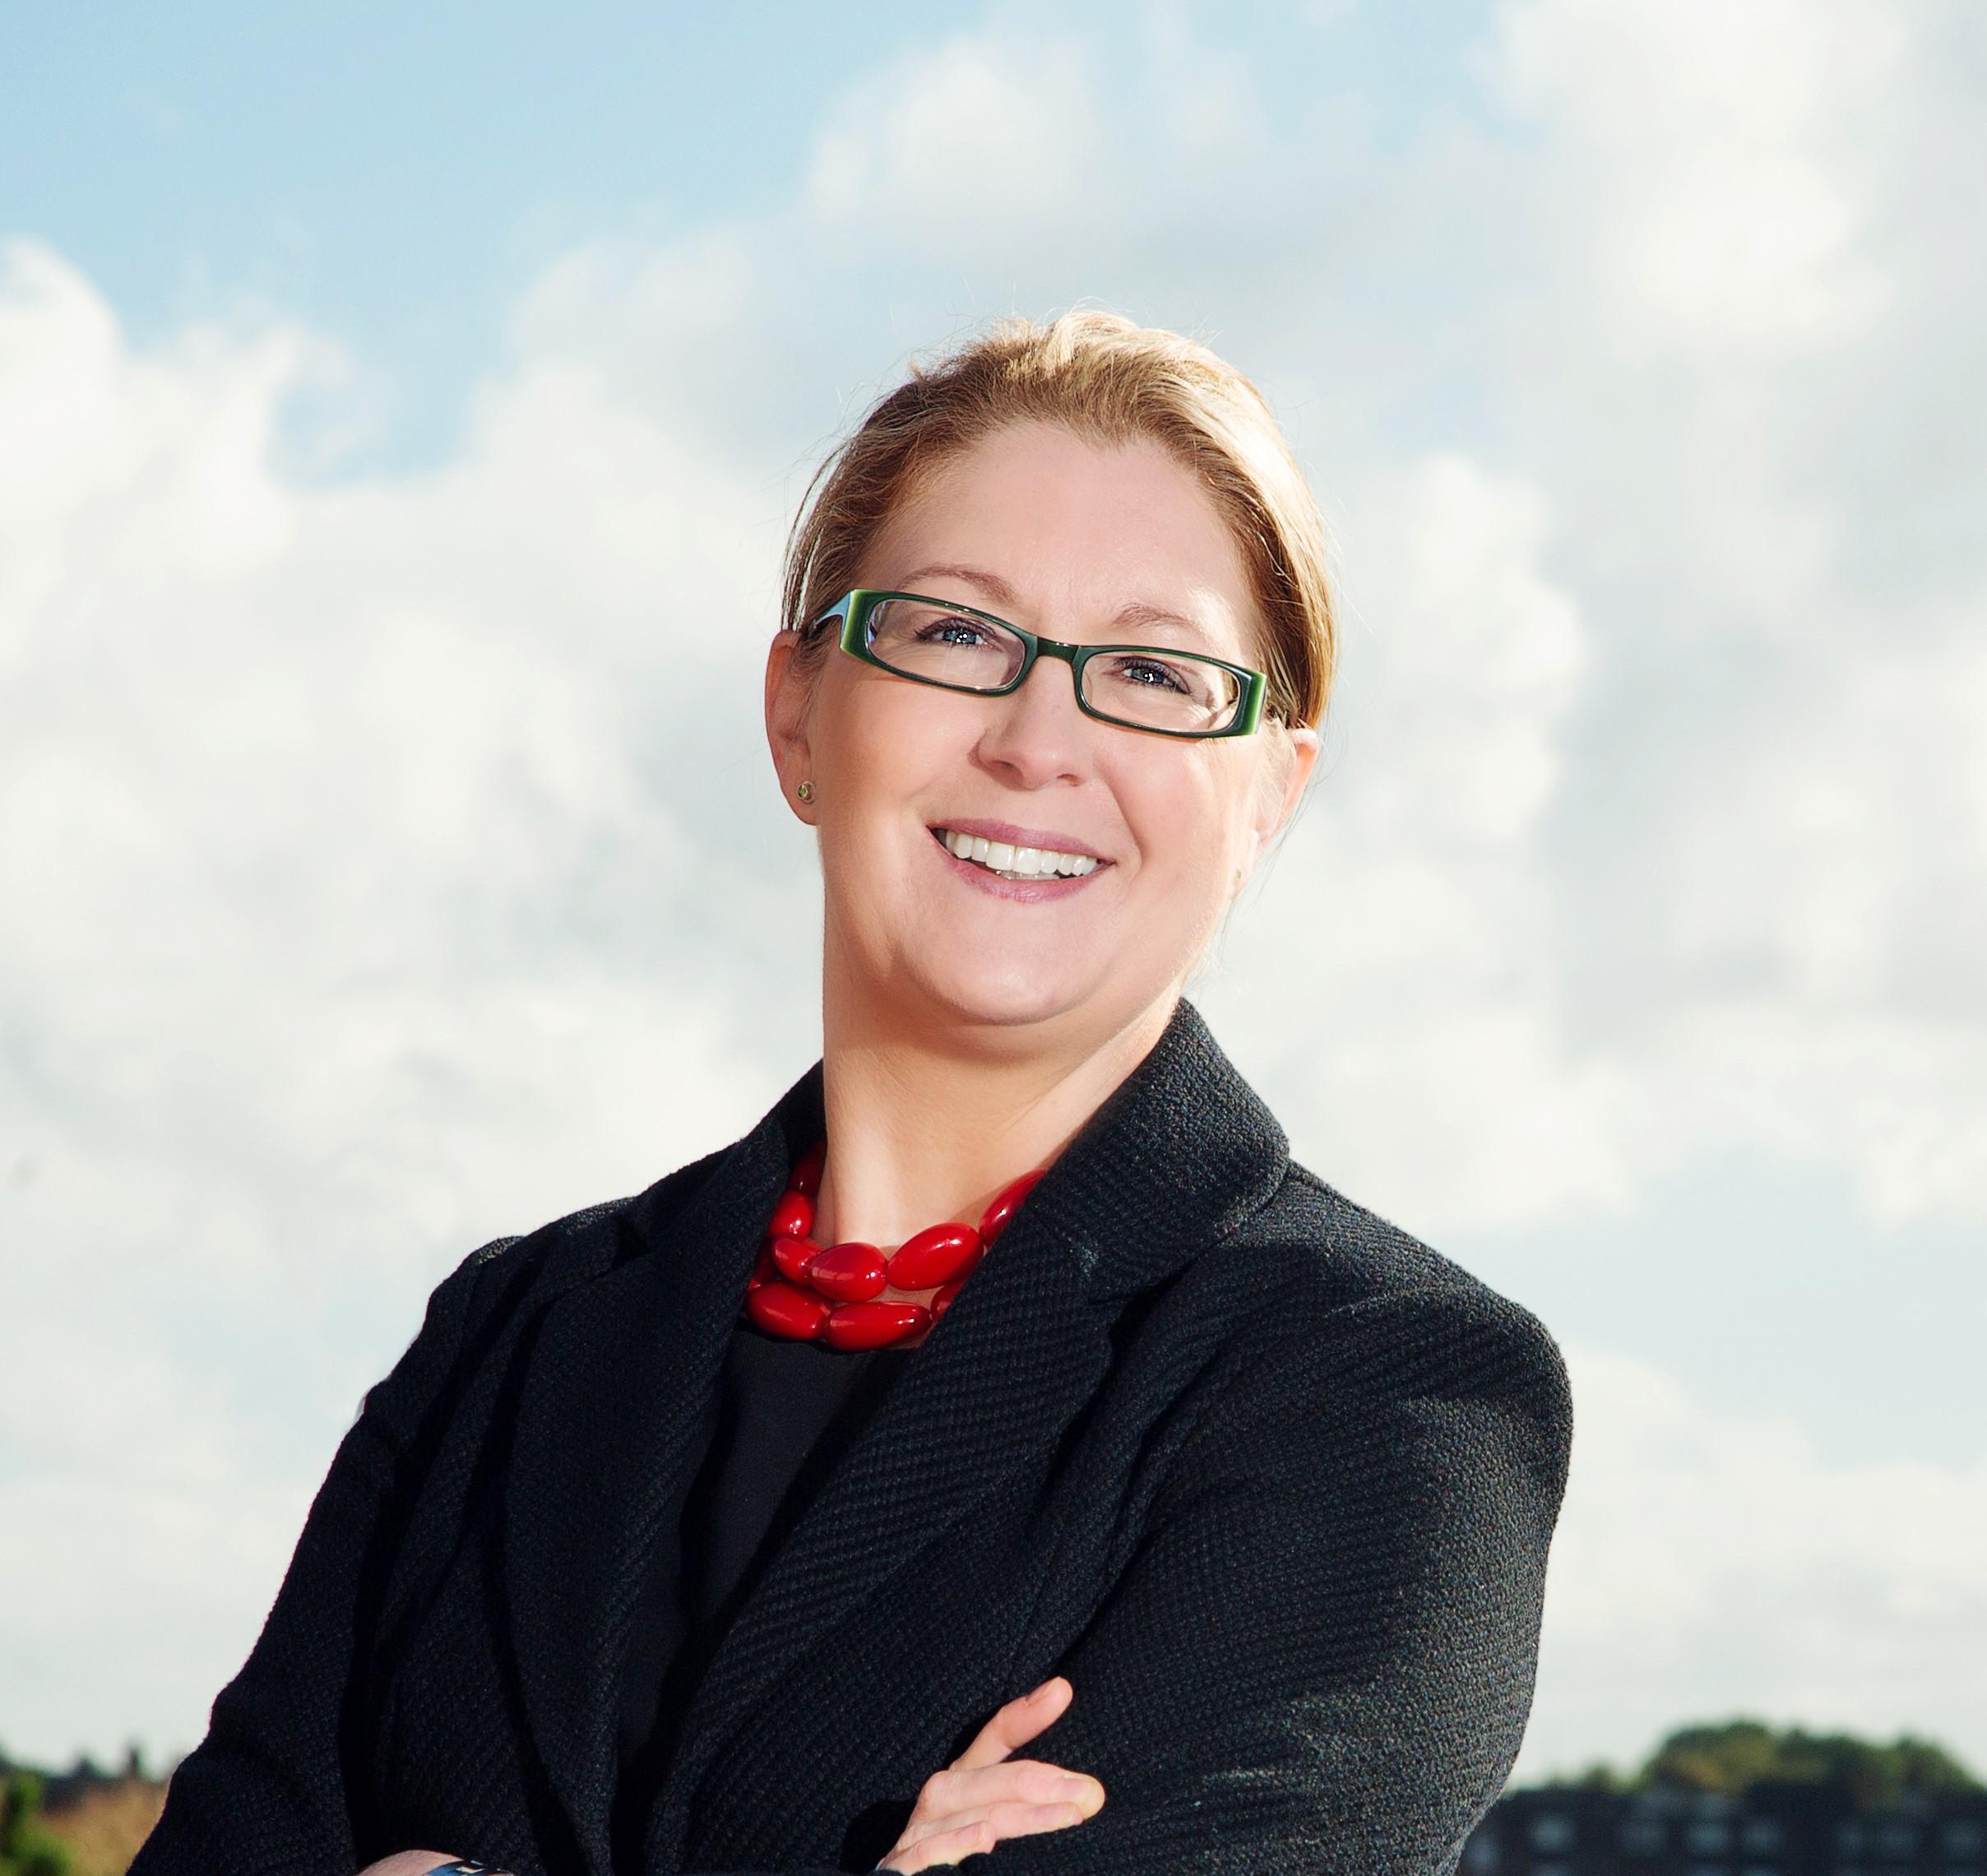 Gill Brennan